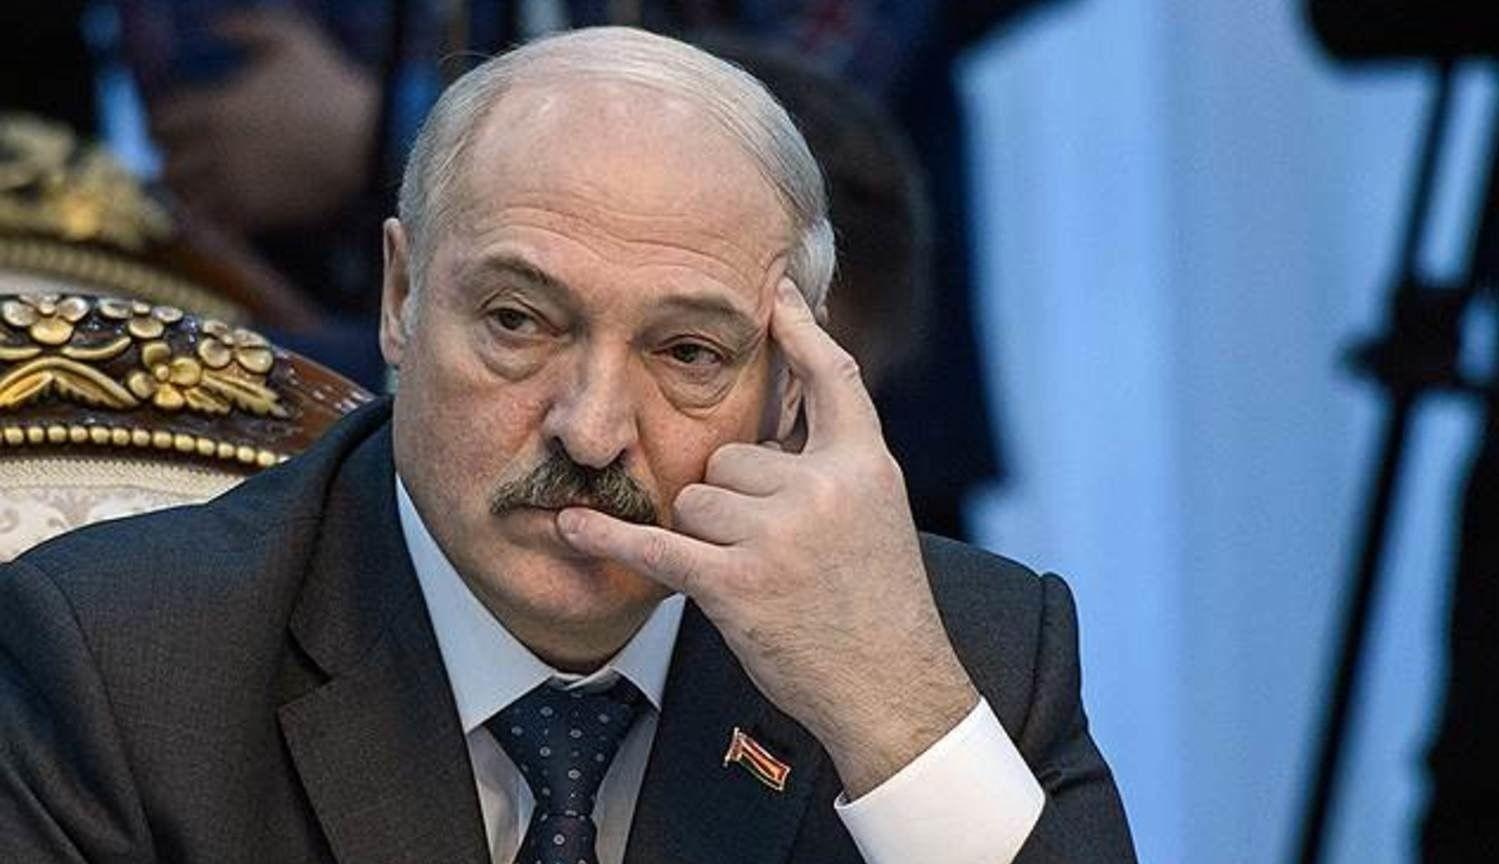 Лукашенко экстренно эвакуировали на частном самолете из Витебска в Минск – в Сети назвали причину